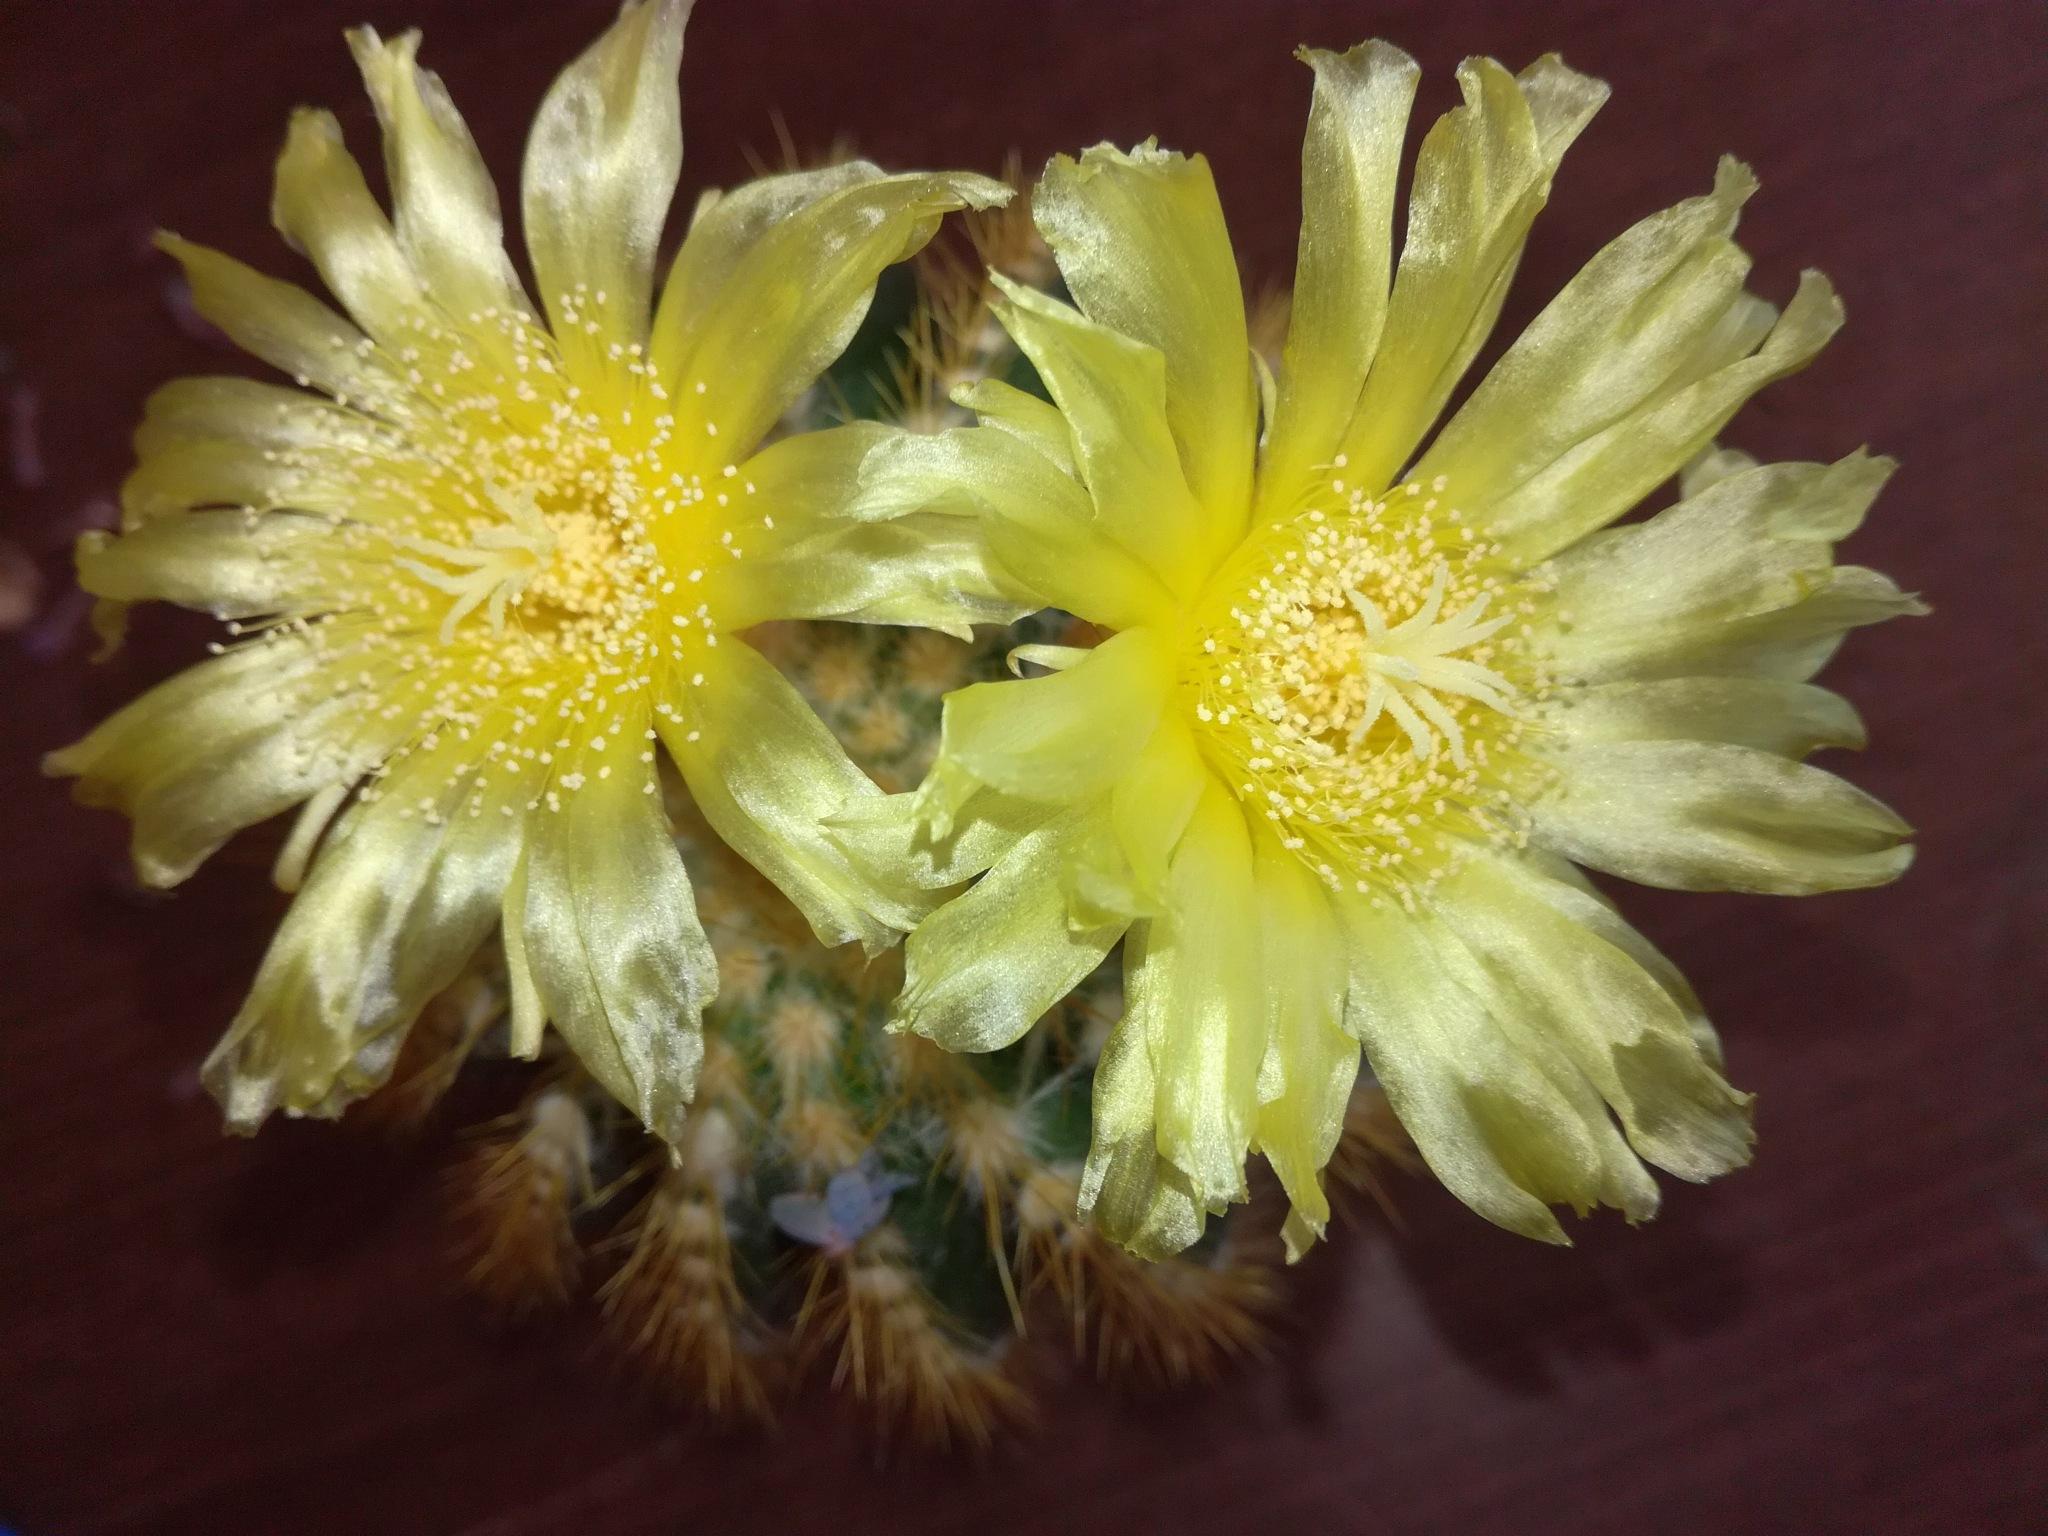 Cactus flower by uzkuraitiene62